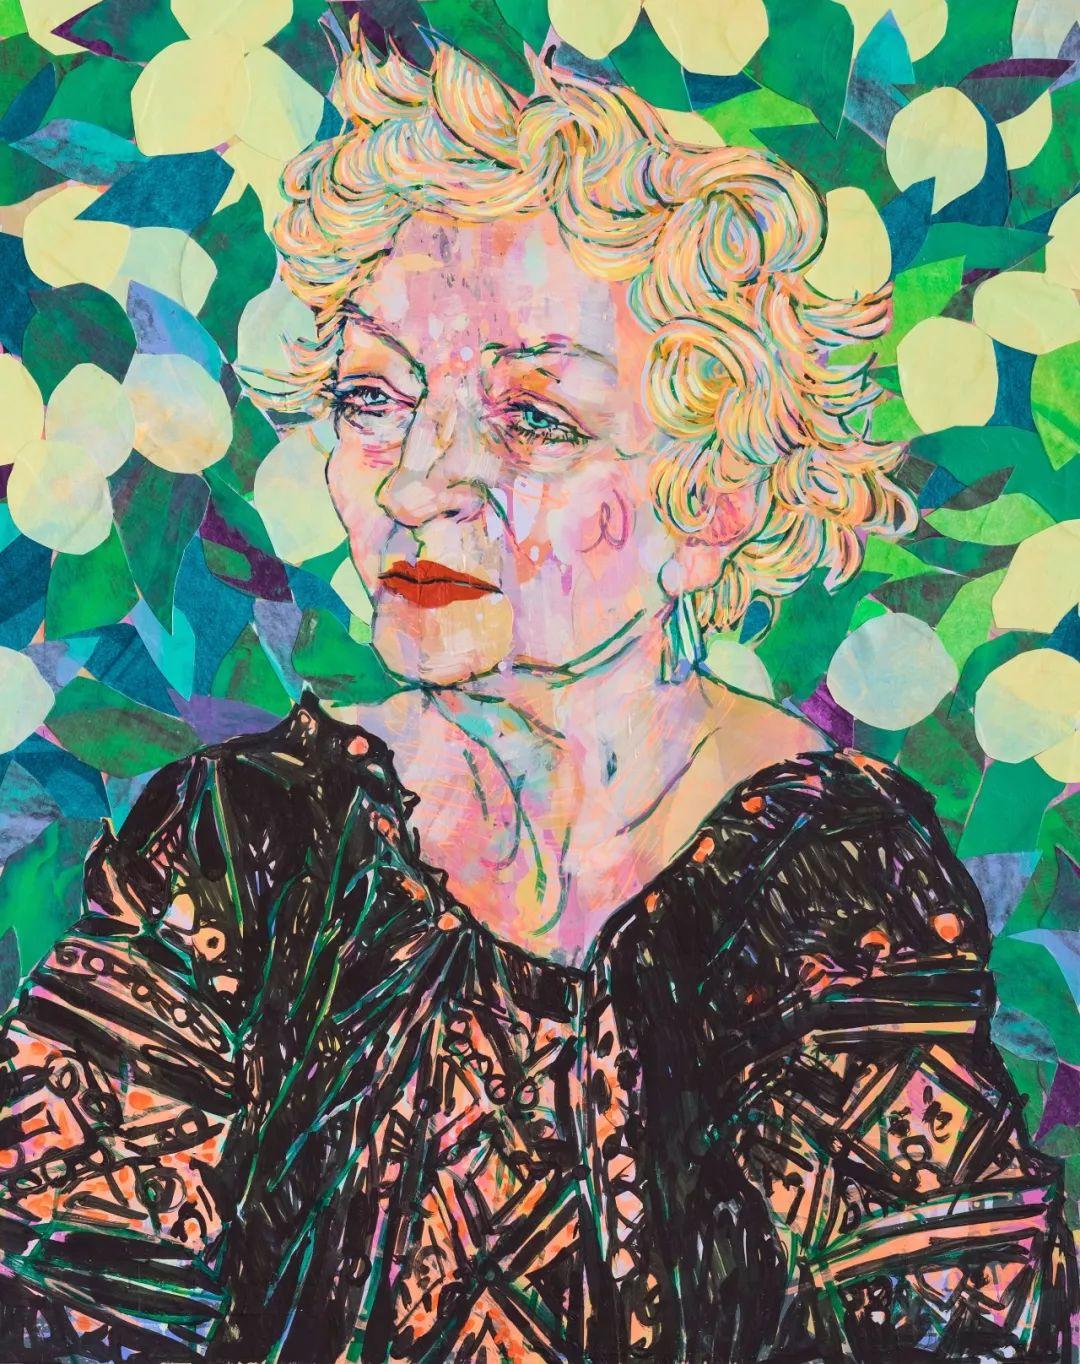 用平静的笔触描绘强烈的感情,美国艺术家Hope Gangloff作品选插图63